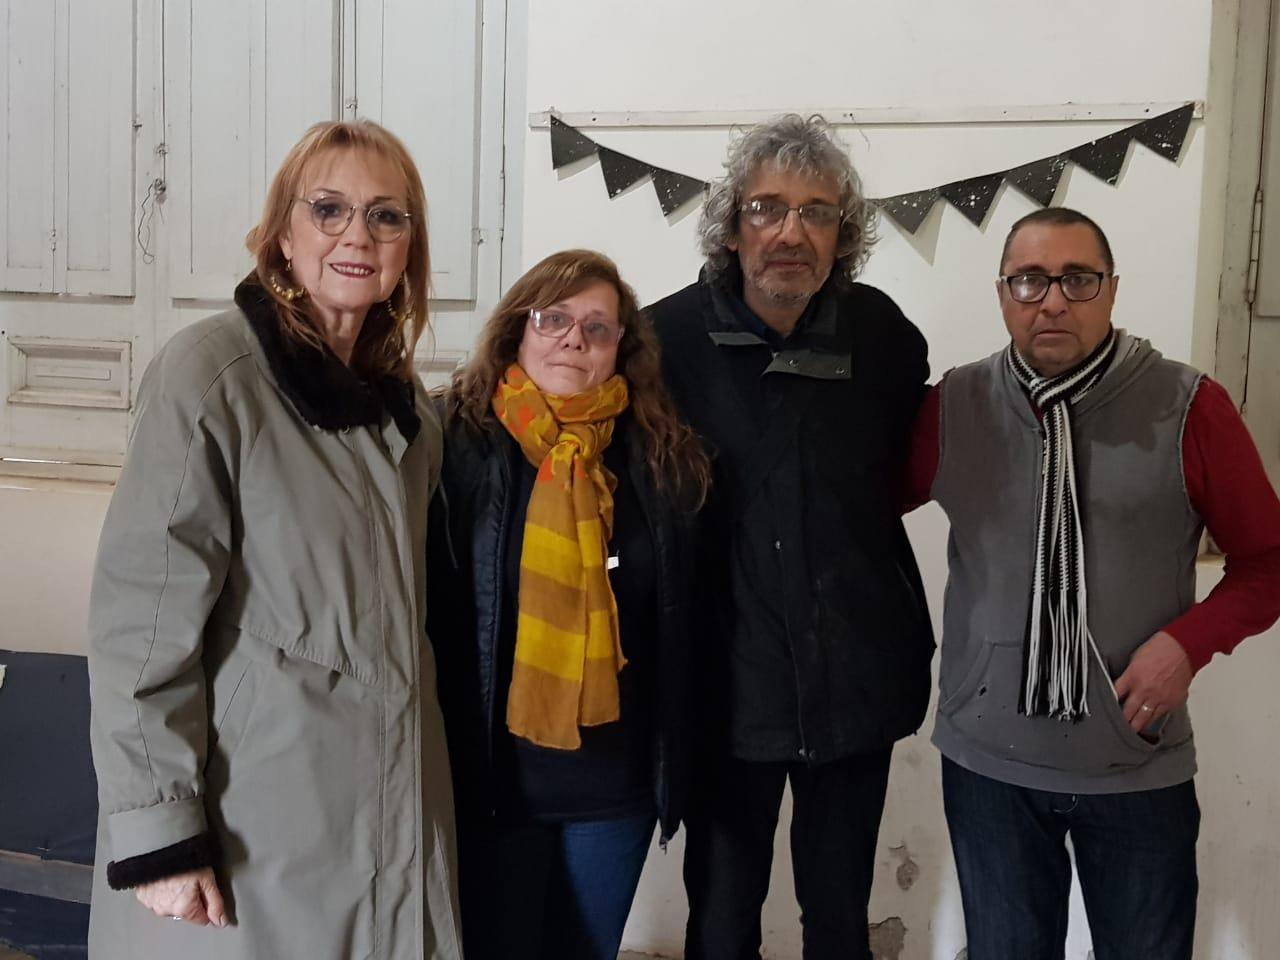 Ricardo Soule y Kotata junto a sus esposas.